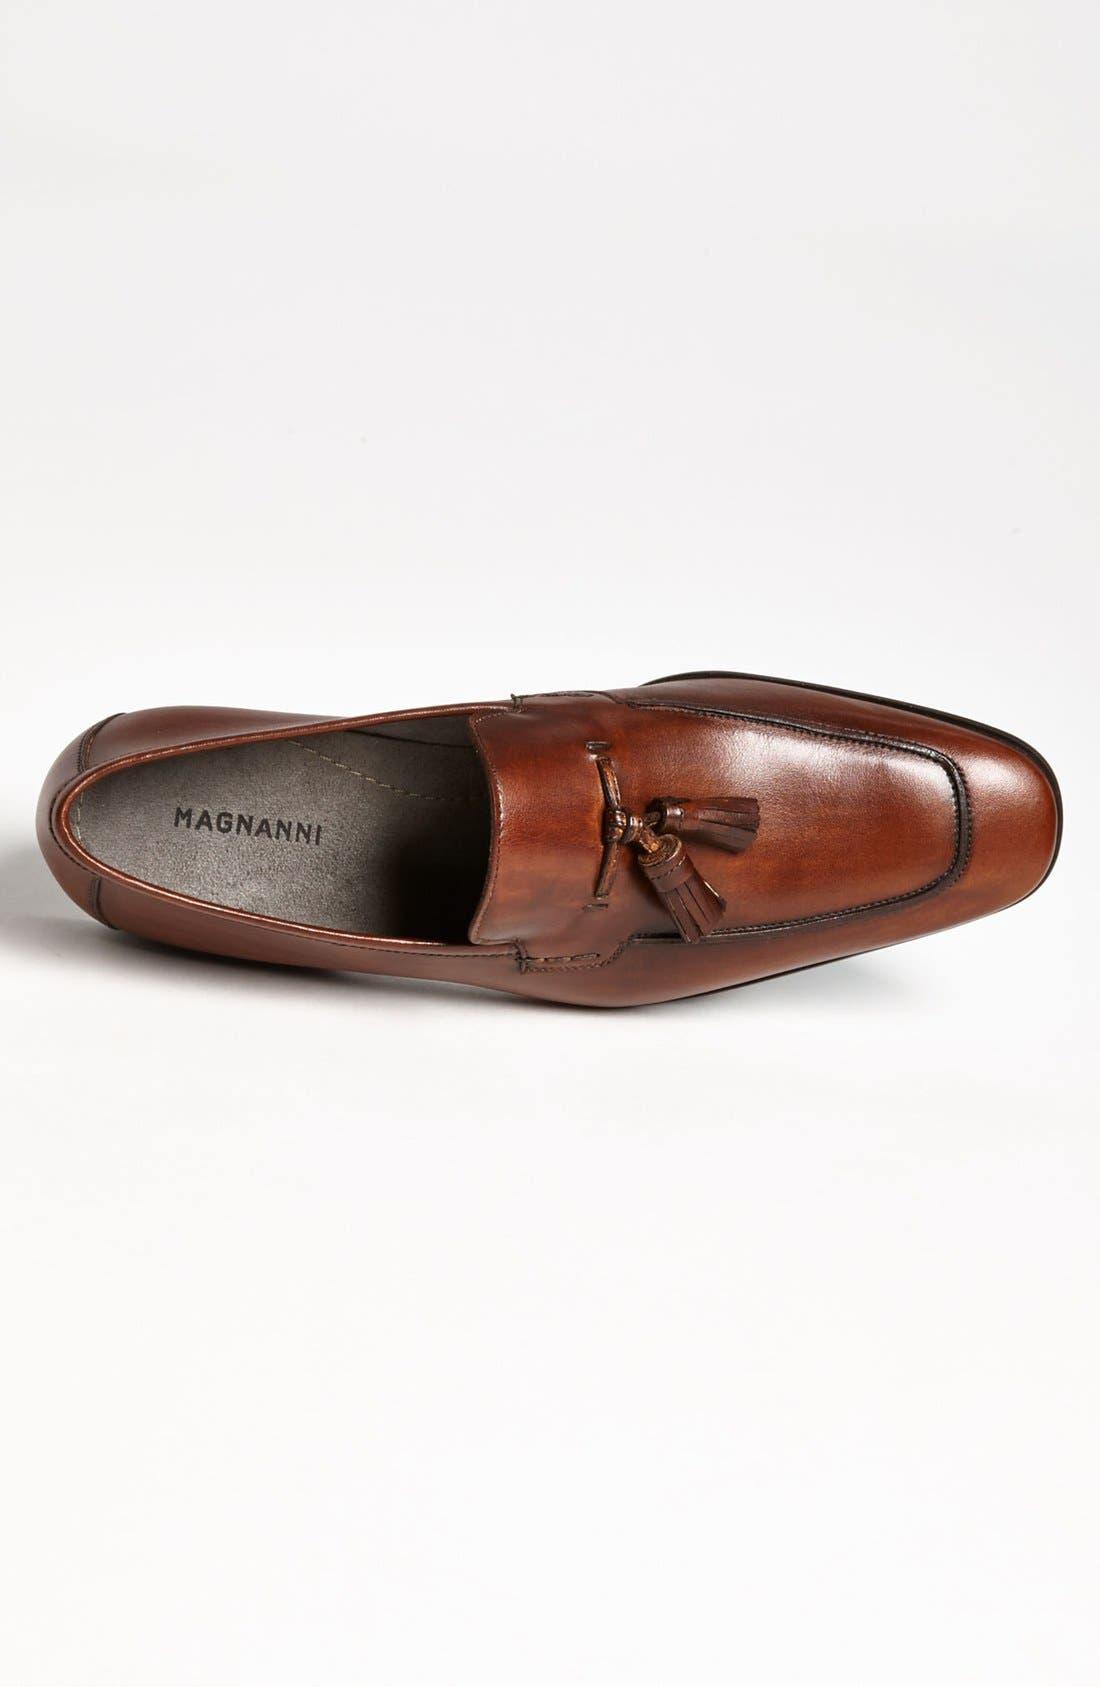 Alternate Image 3  - Magnanni 'Faleo' Tassel Loafer